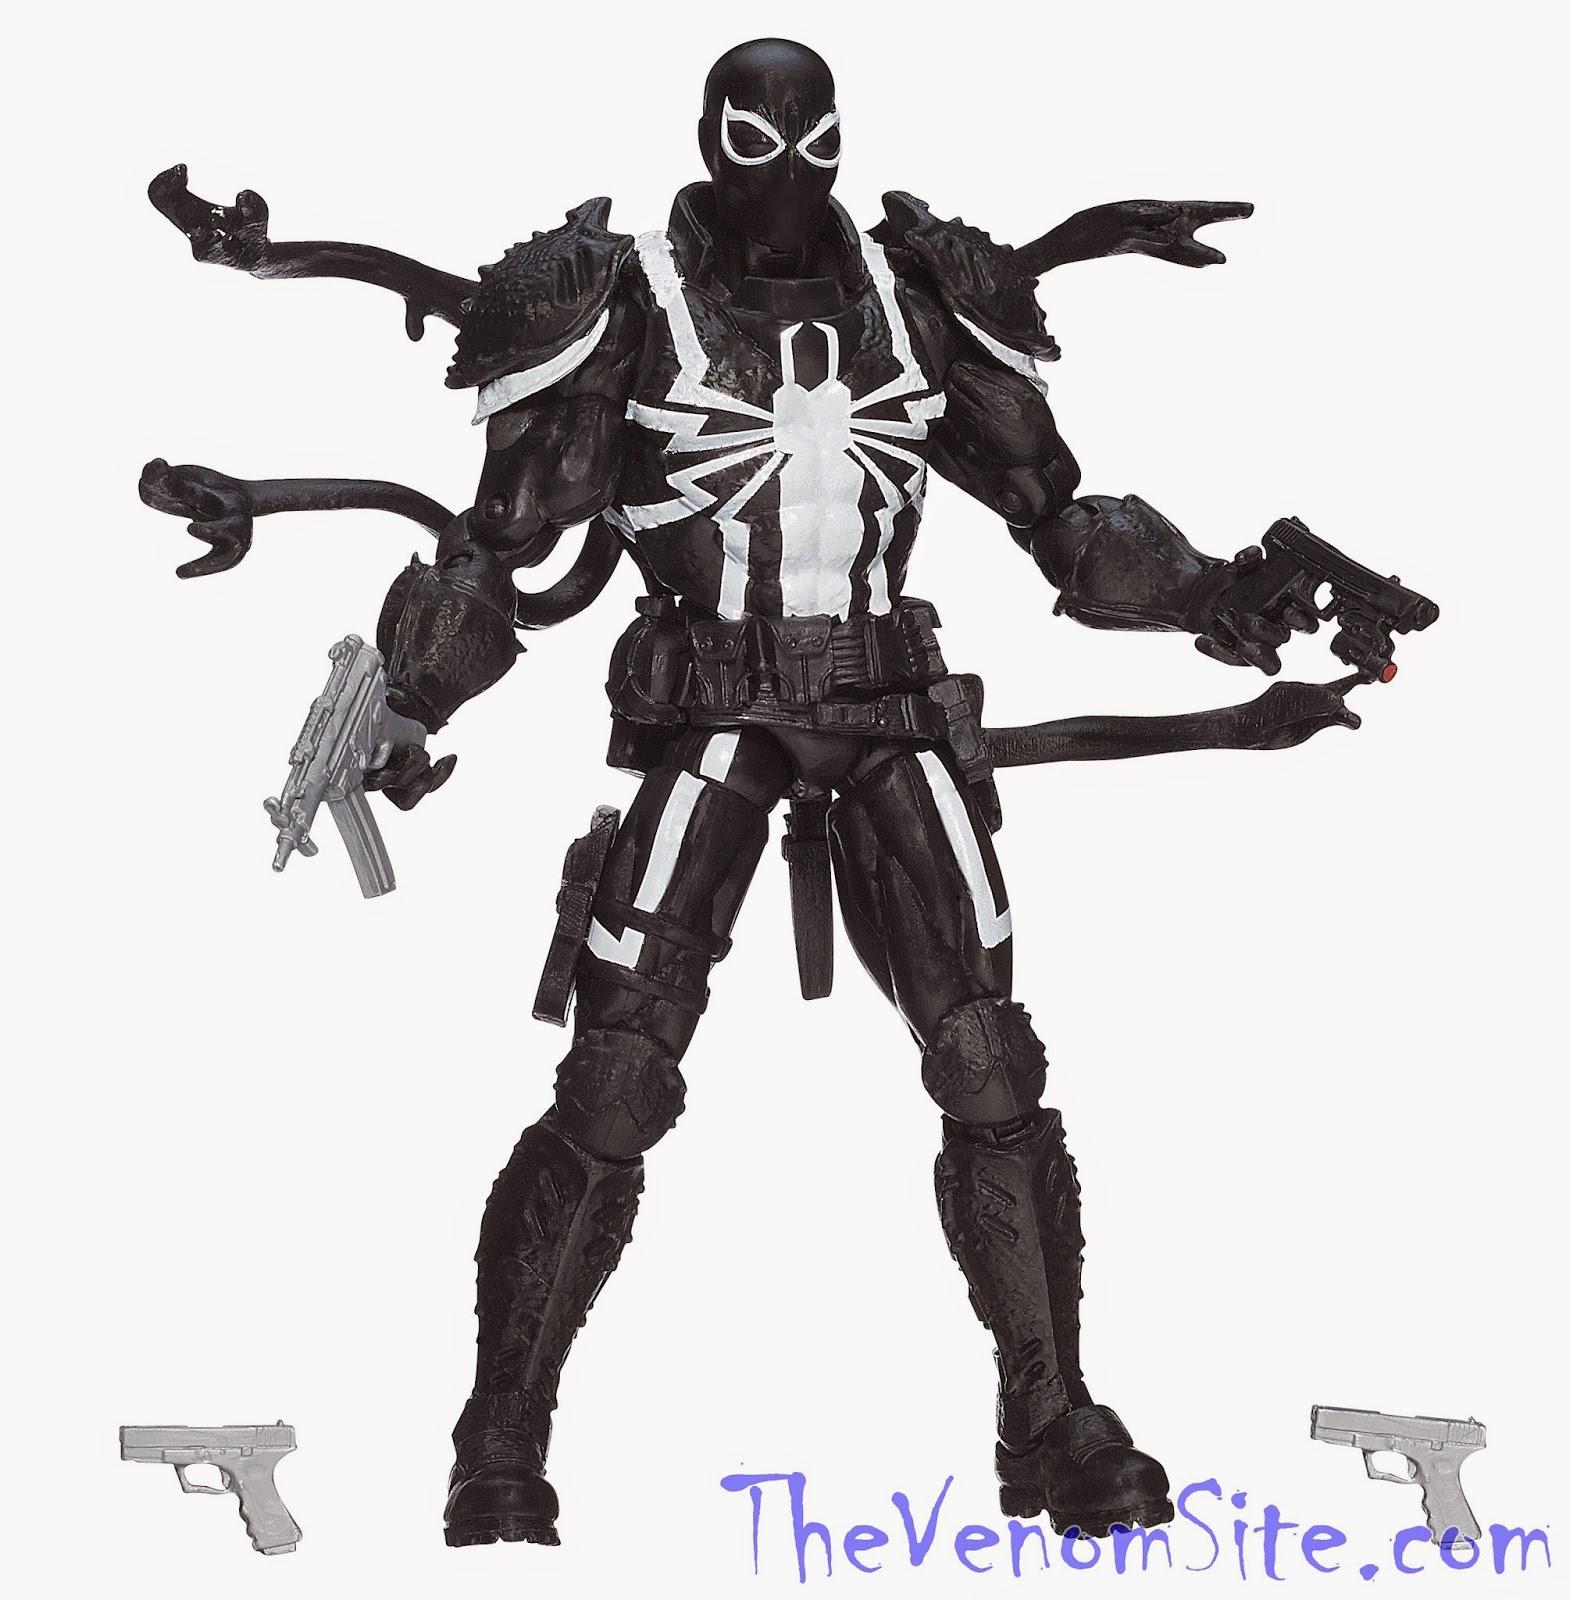 Buy Marvel Legends Infinite action figures from Amazon